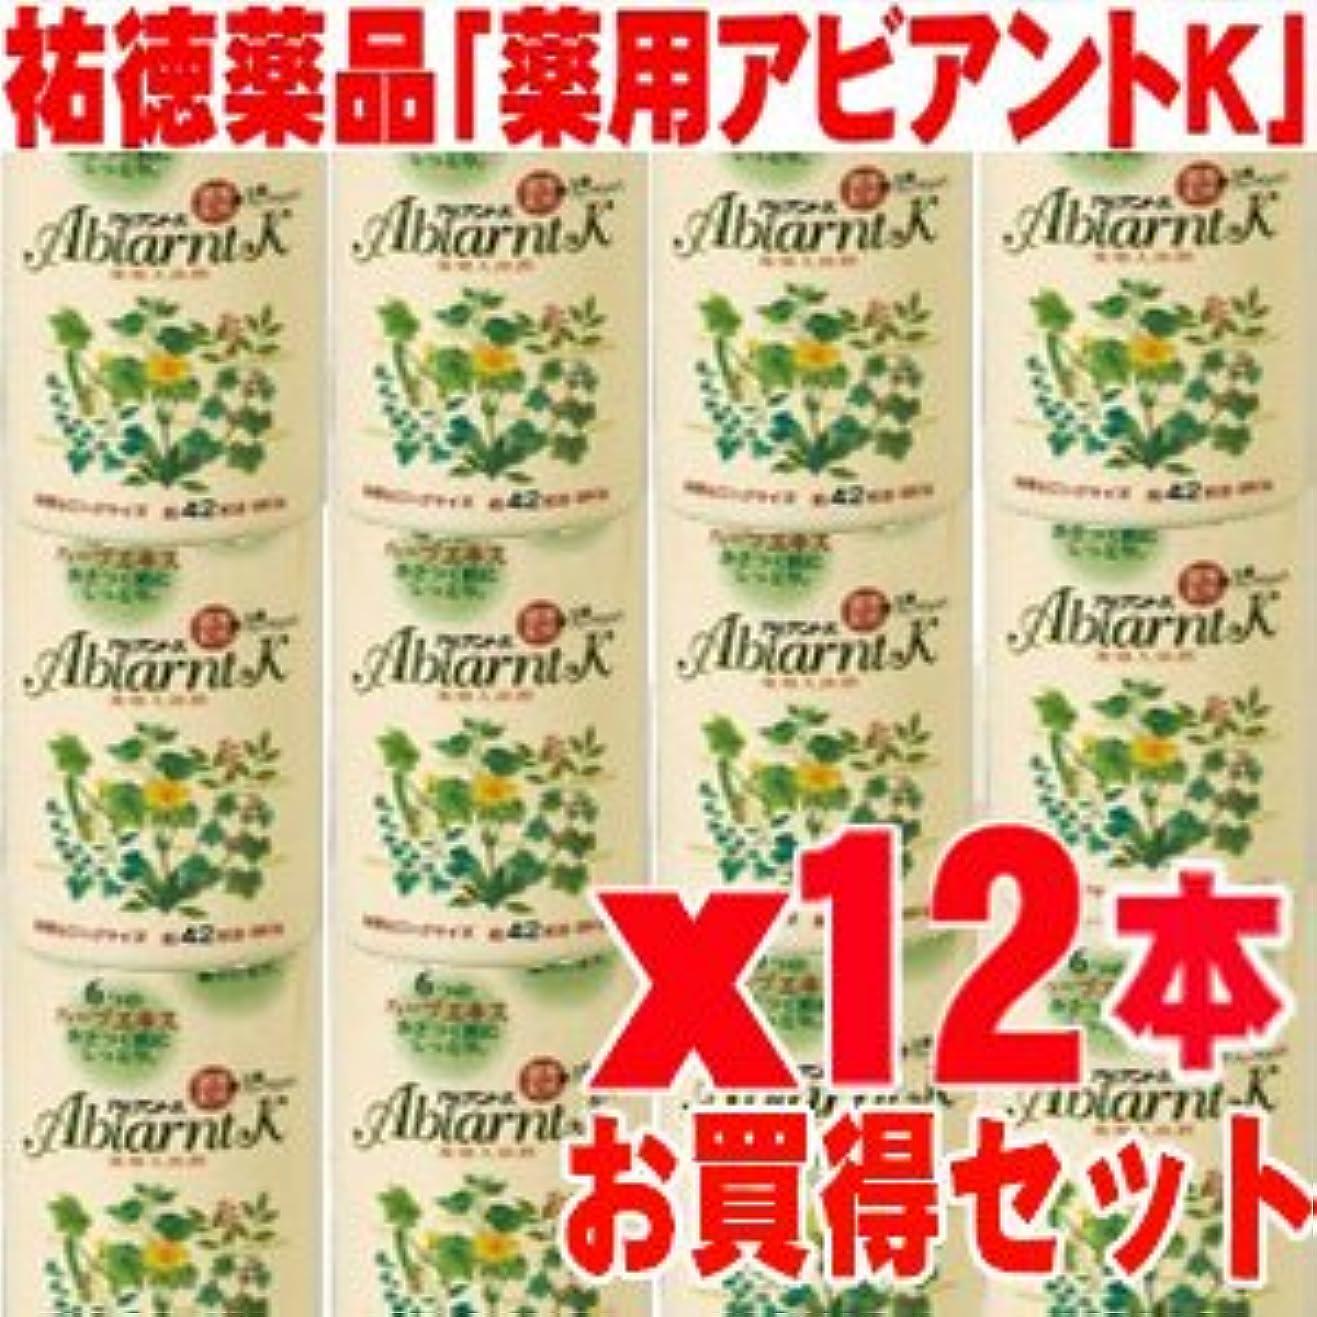 深める倫理ソフトウェアアビアントK 薬用入浴剤 850gx12本 (総合計10.2kg)4987235024123